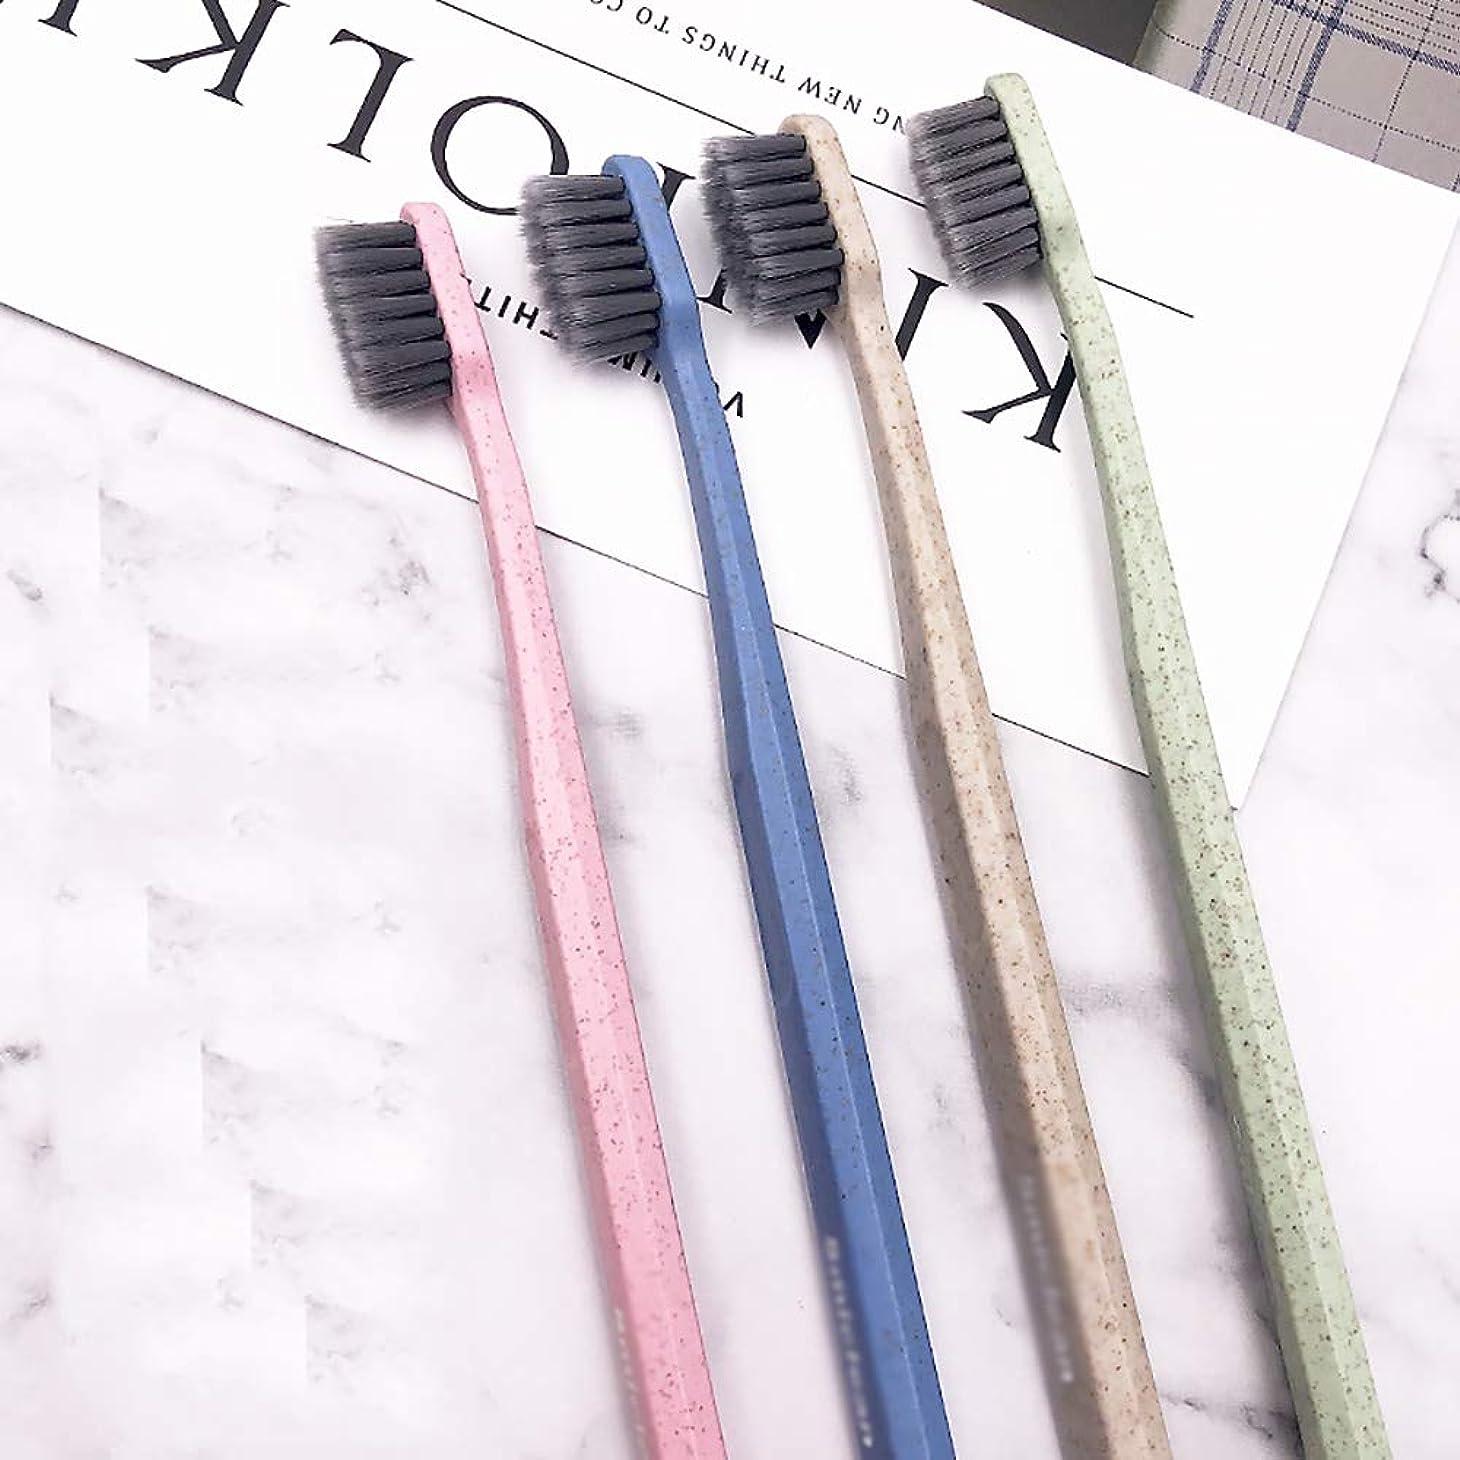 爆弾関係するエレメンタル歯ブラシ 8本のスティック大人歯ブラシ、竹炭歯ブラシ、ブラックブラシヘッド歯ブラシ - 使用可能なスタイルの3種類 HL (色 : A, サイズ : 8 packs)